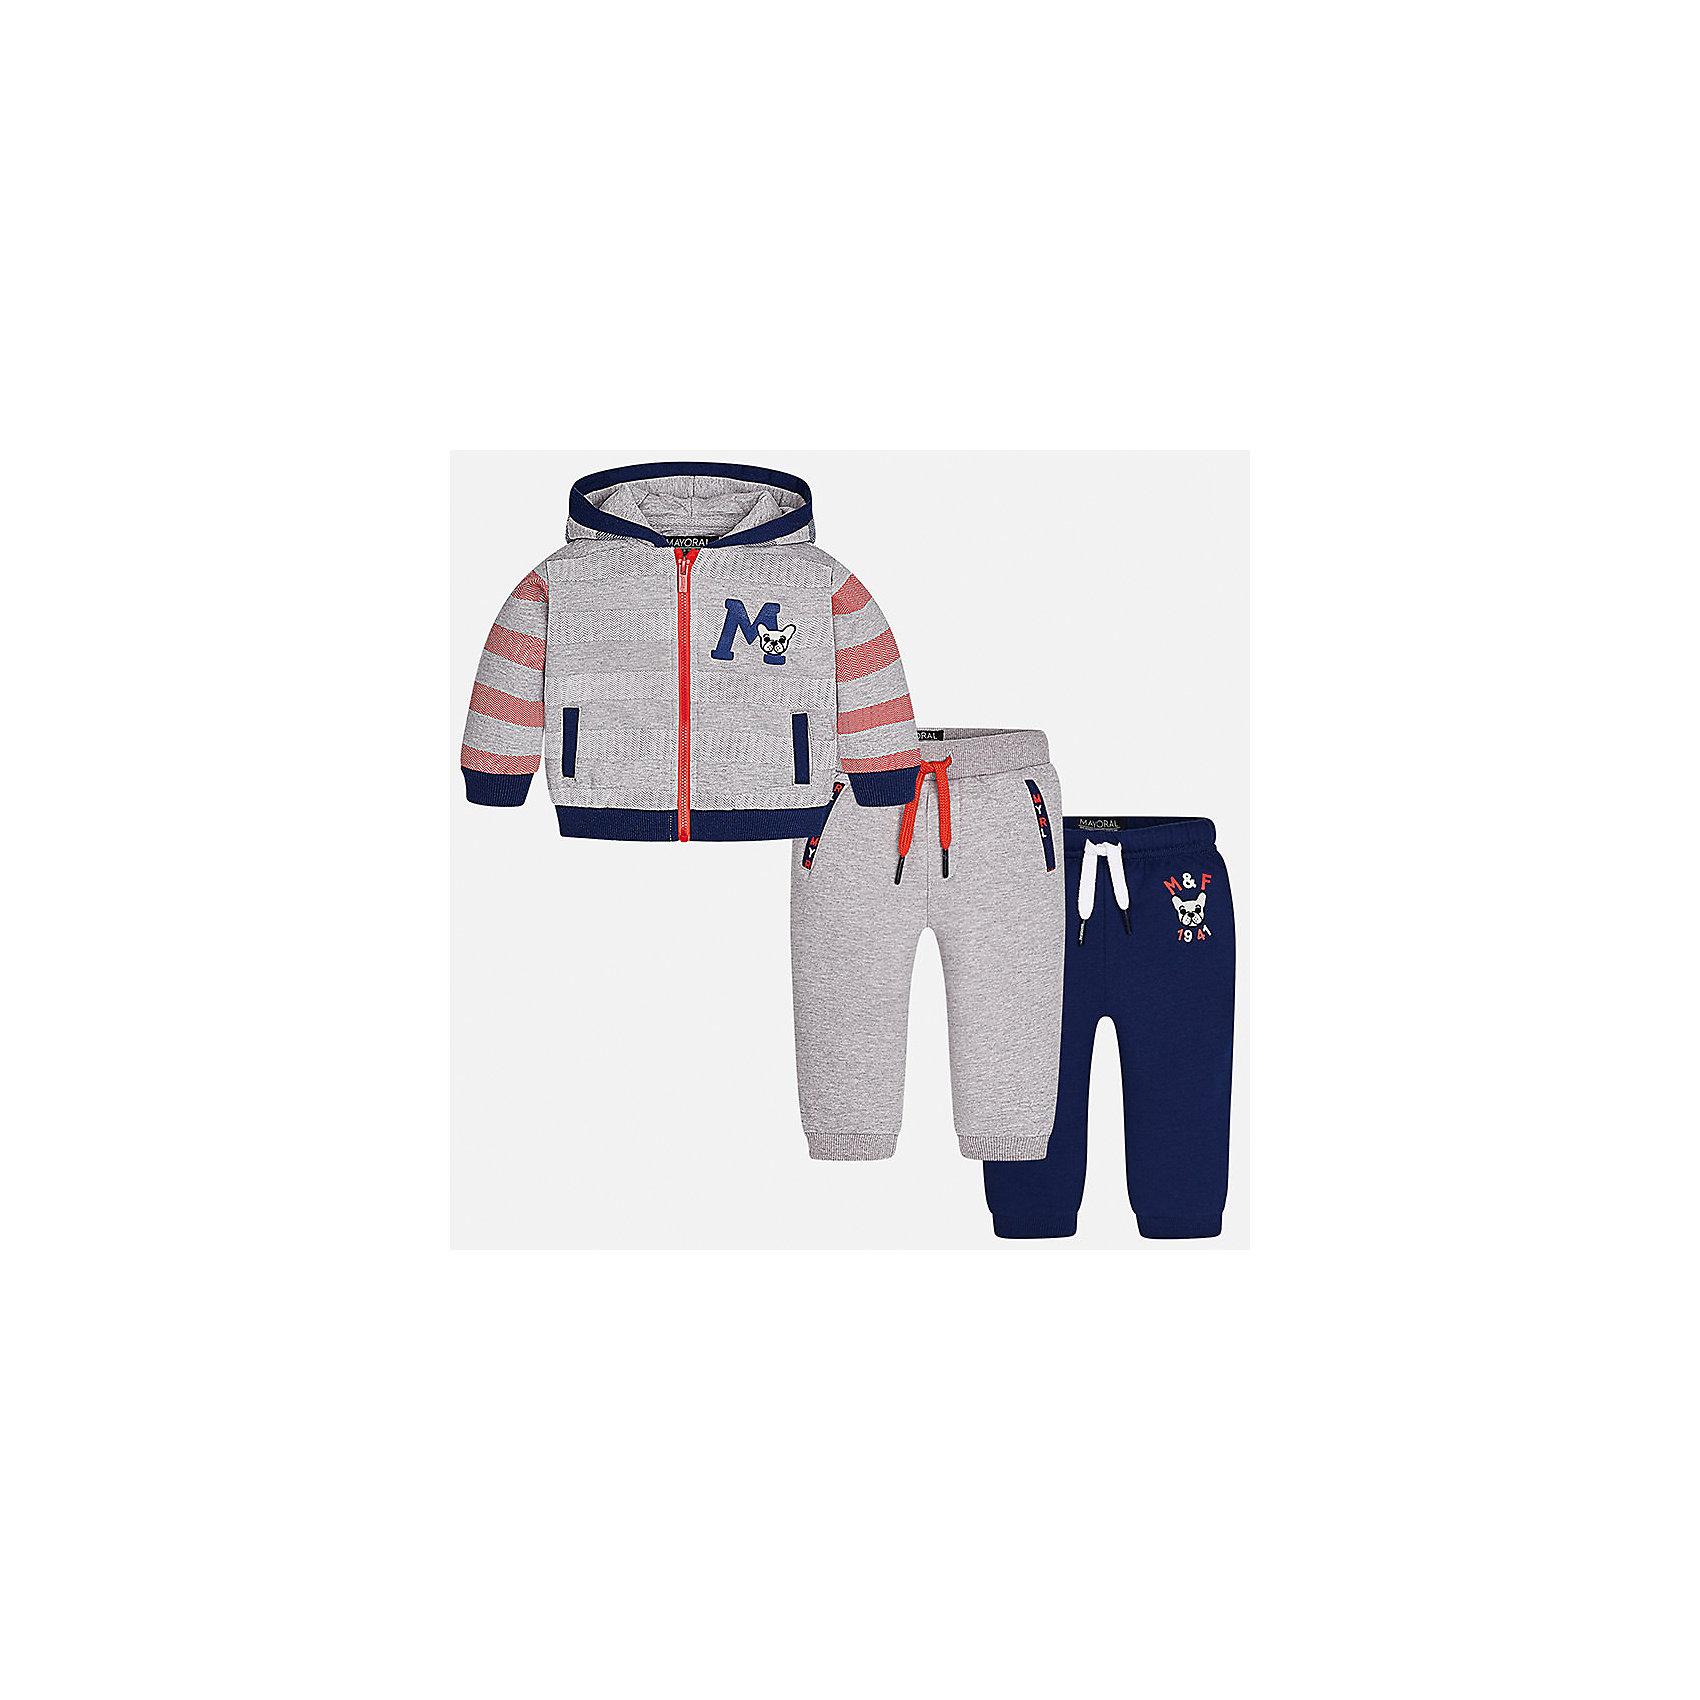 Спортивный костюм Mayoral для мальчикаКомплекты<br>Характеристики товара:<br><br>• цвет: серый<br>• состав ткани: 60% хлопок, 40% полиэстер<br>• комплектация: куртка, 2 брюк<br>• сезон: демисезон<br>• особенности модели: спортивный стиль<br>• застежка: молния<br>• длинные рукава<br>• пояс брюк: резинка, шнурок<br>• страна бренда: Испания<br>• страна изготовитель: Индия<br><br>Этот спортивный костюм для мальчика от Майорал поможет обеспечить ребенку комфорт. Детский костюм для спорта отличается стильным и продуманным дизайном. В спортивном костюме для мальчика от испанской компании Mayoral ребенок будет выглядеть модно, а чувствовать себя - комфортно. <br><br>Спортивный костюм для мальчика Mayoral (Майорал) можно купить в нашем интернет-магазине.<br><br>Ширина мм: 247<br>Глубина мм: 16<br>Высота мм: 140<br>Вес г: 225<br>Цвет: серый<br>Возраст от месяцев: 18<br>Возраст до месяцев: 24<br>Пол: Мужской<br>Возраст: Детский<br>Размер: 92,98,86,80,74<br>SKU: 6935486